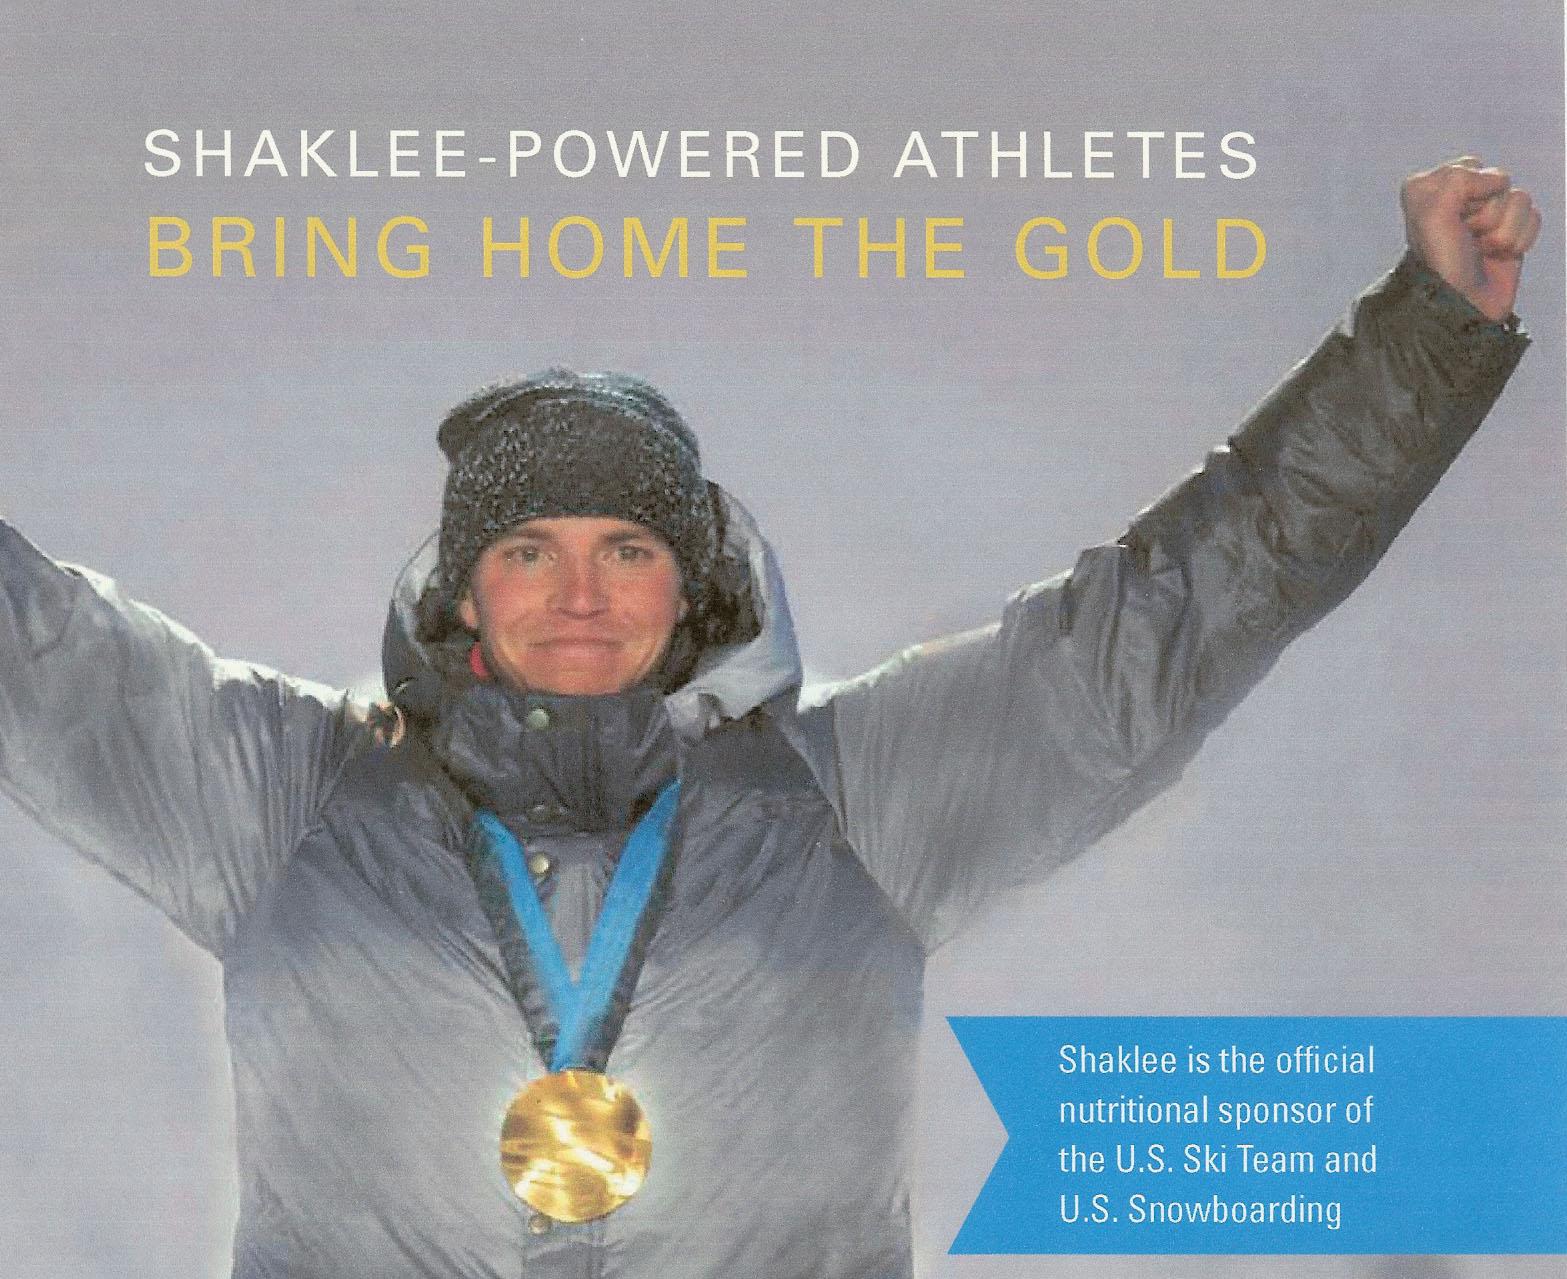 Atlit Olimpik 2016 Dikuasakan Oleh Shaklee | Vitamin Cerdik by Coach Anah  Ahmad